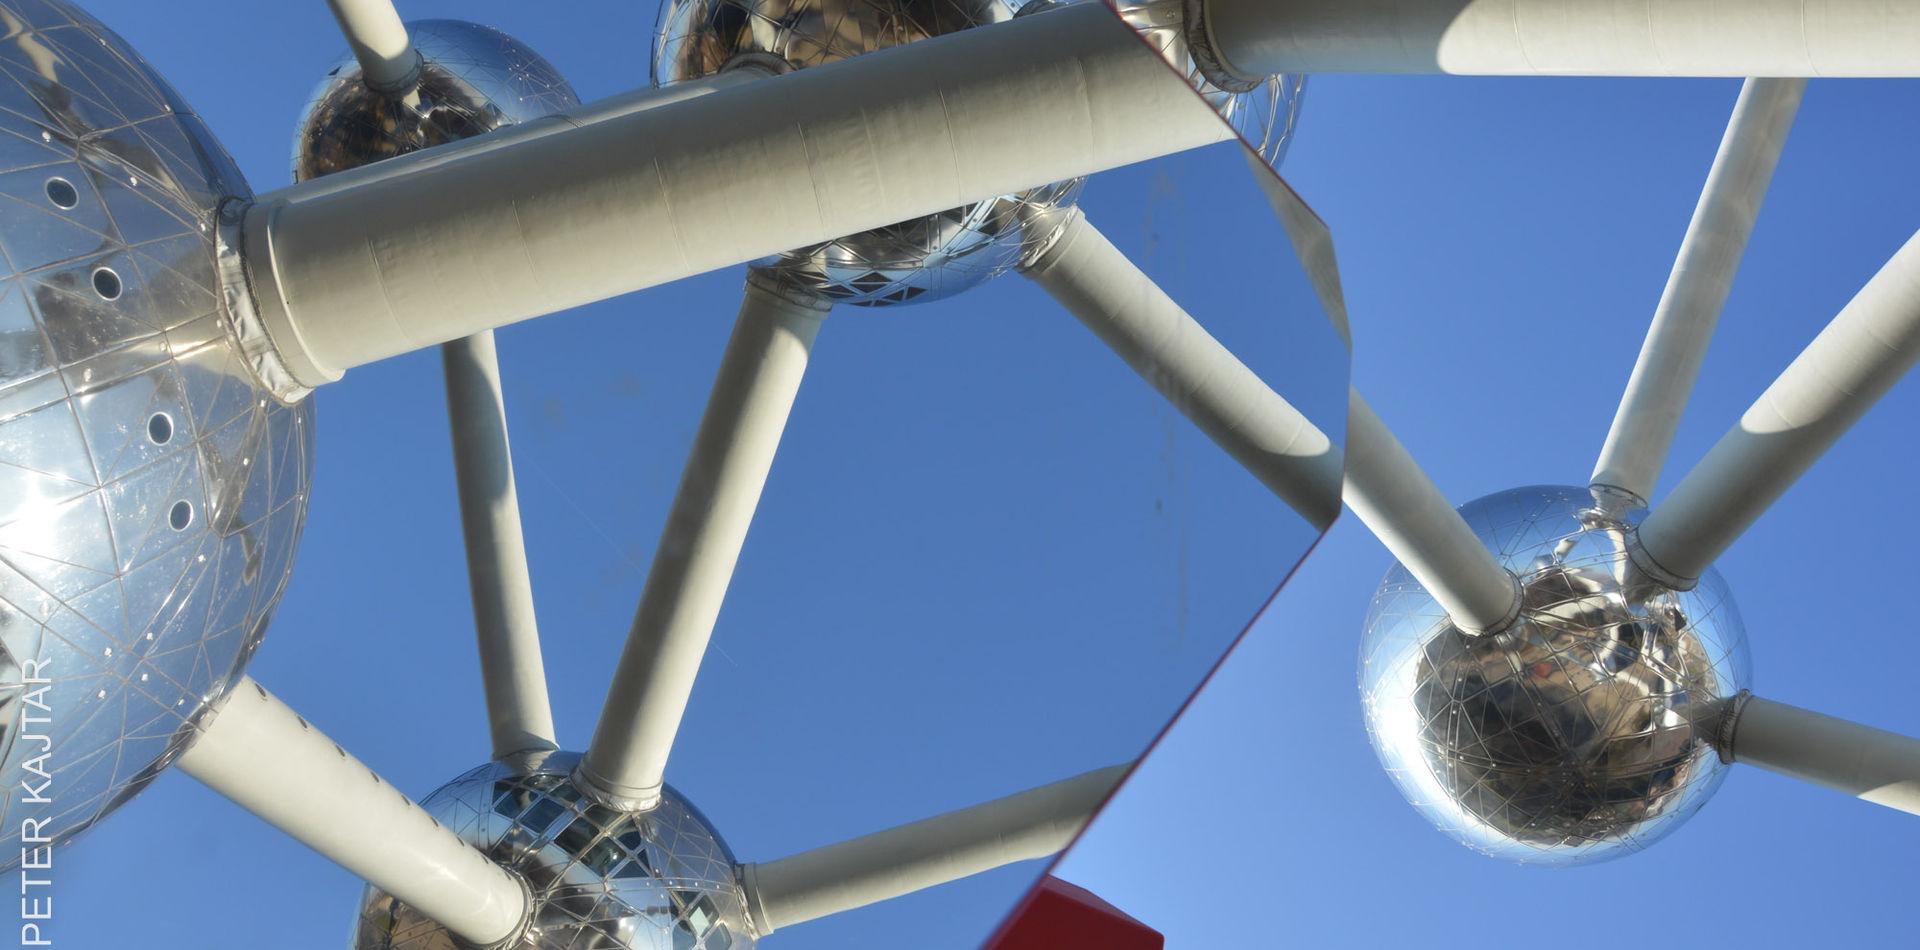 mirrored Atomium